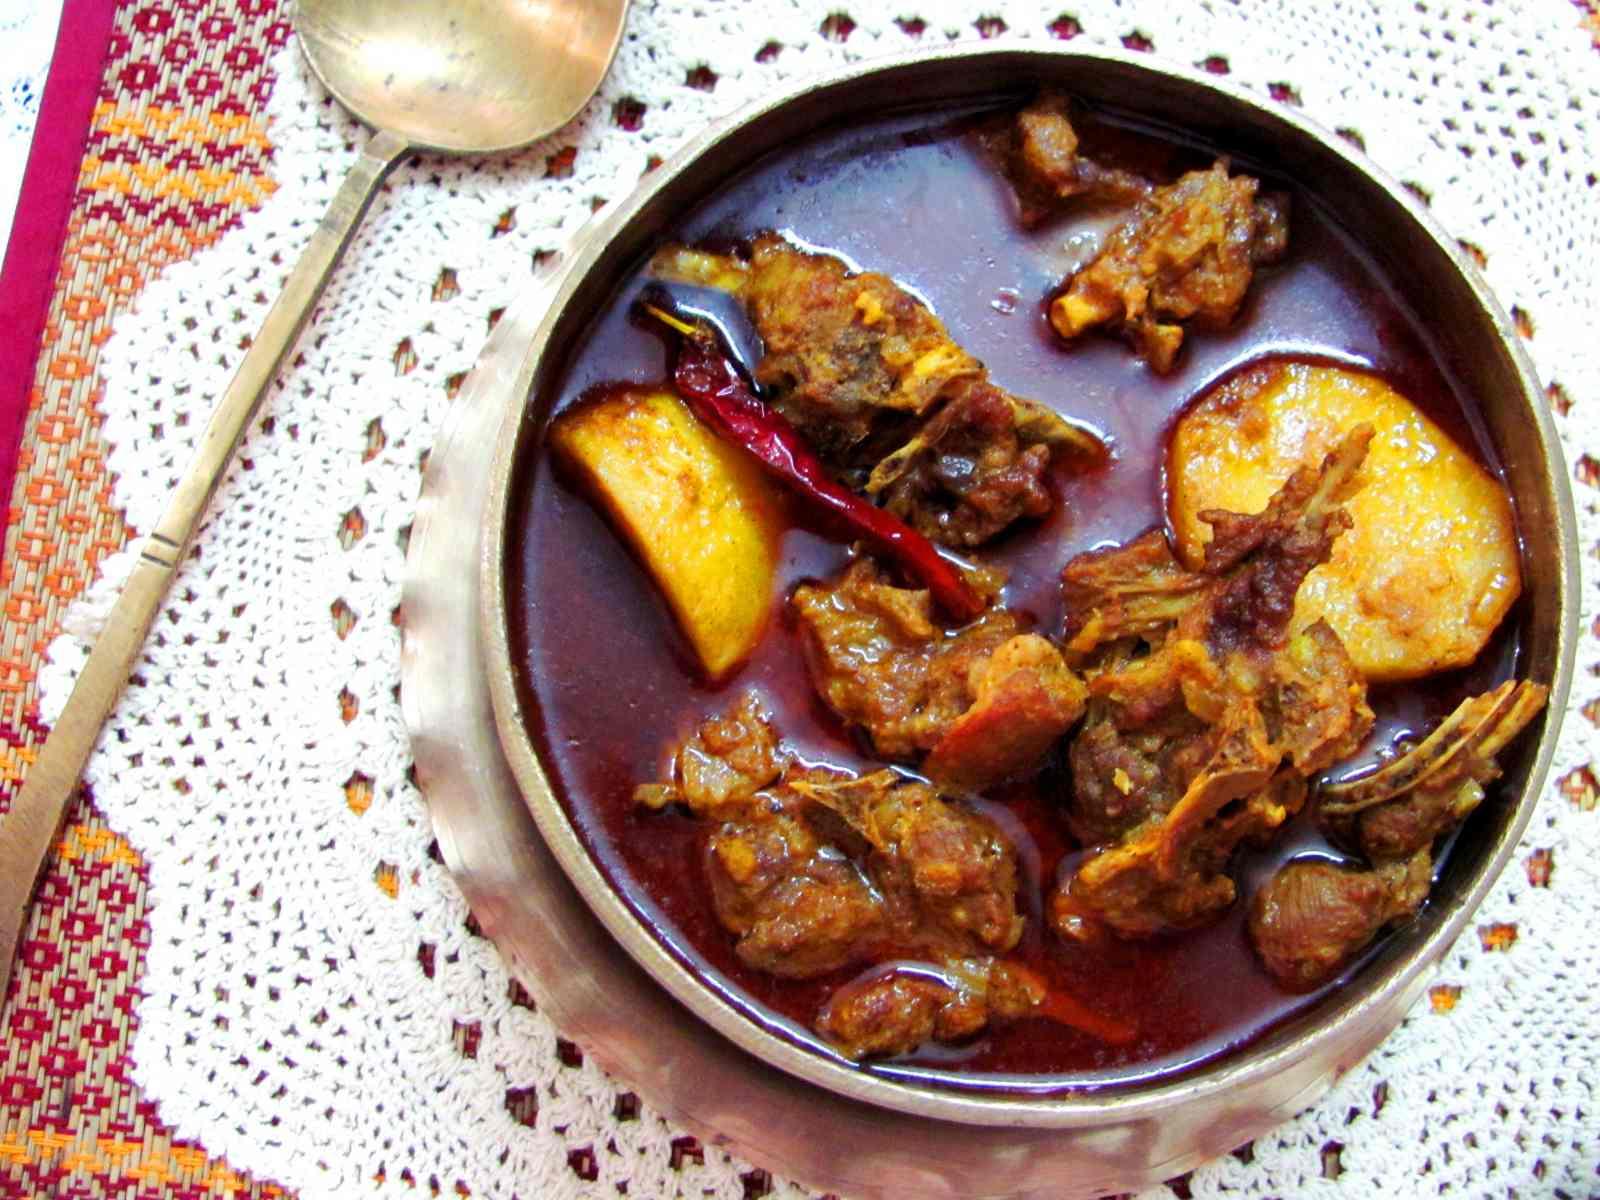 Mangsher jhol recipe bengali style mutton curry by archanas kitchen mangsher jhol recipe bengali style mutton curry forumfinder Gallery